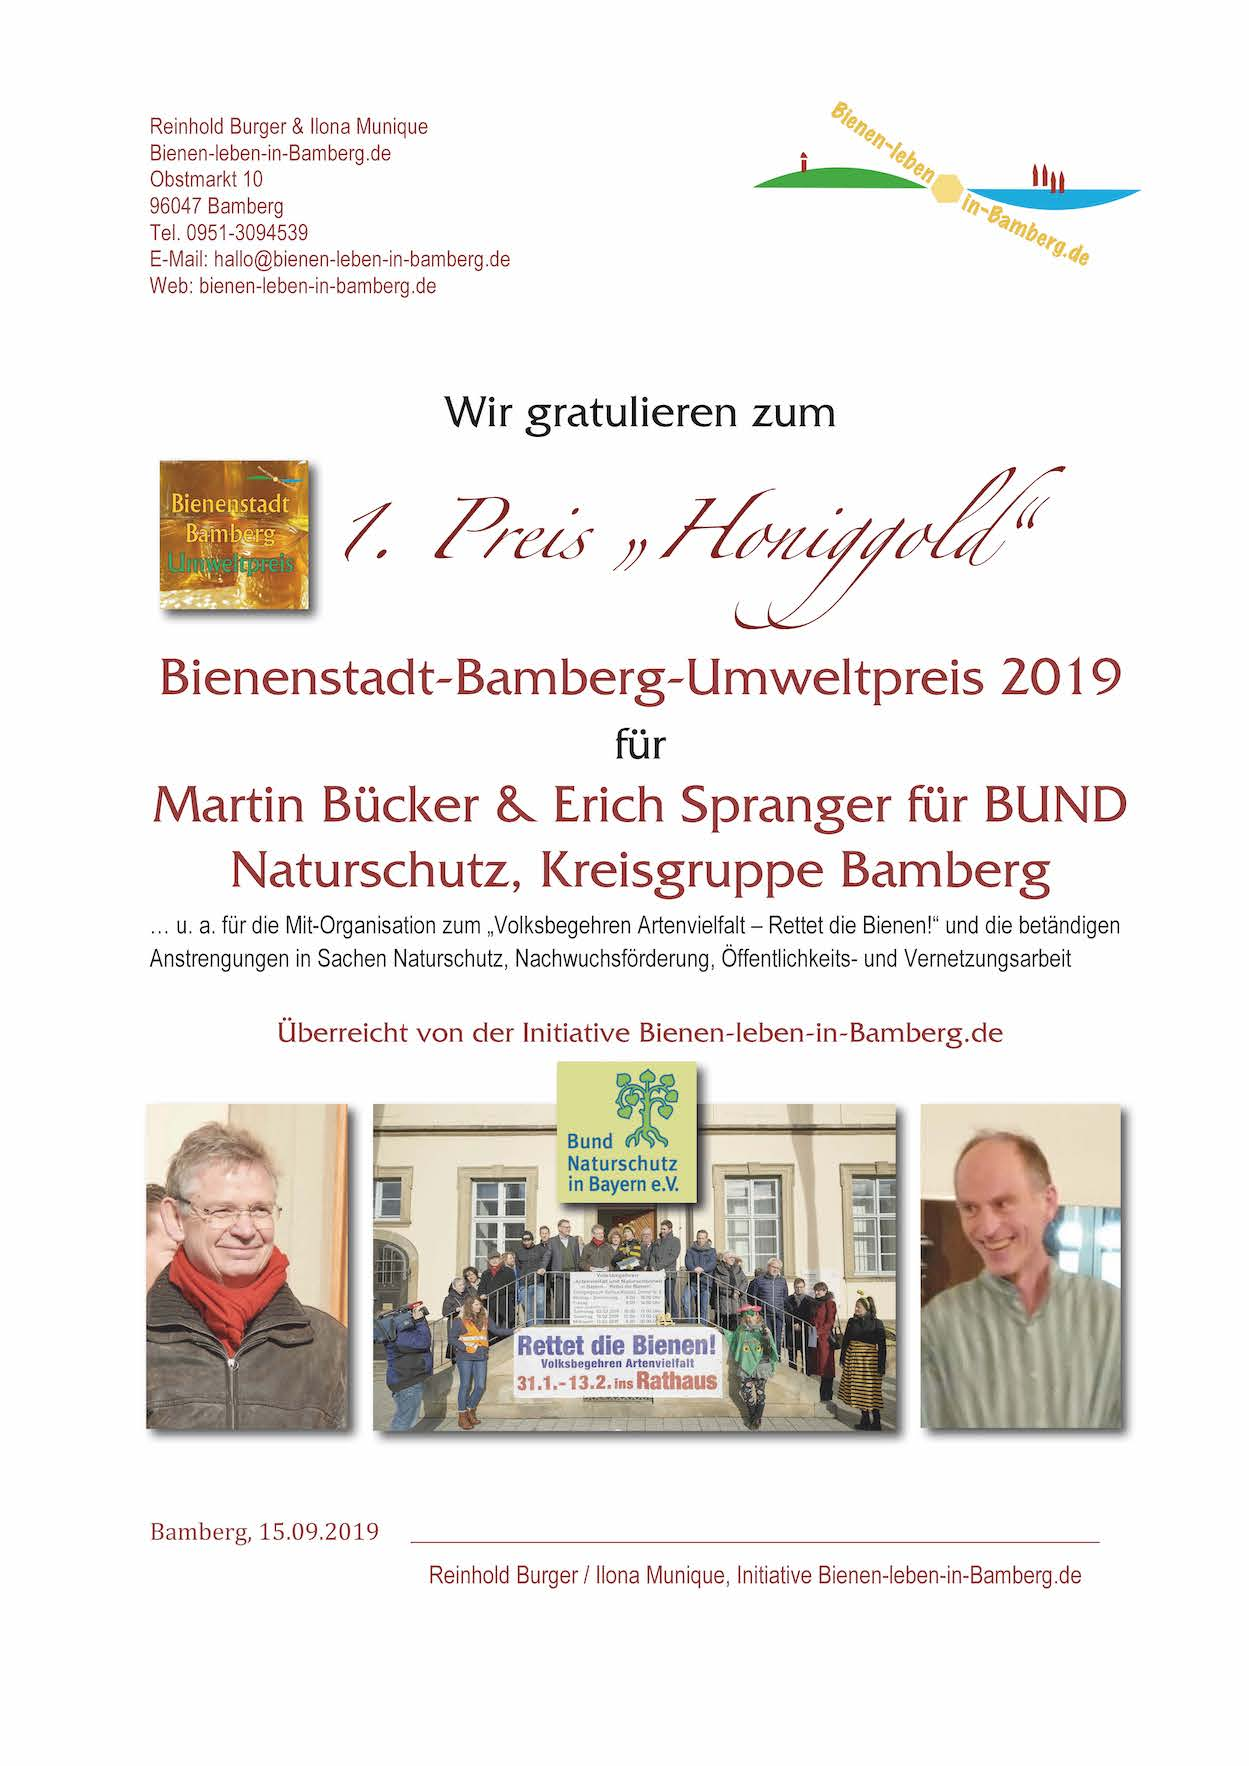 1. Preis BBU 2019 an Martin Bücker und Erich Spranger